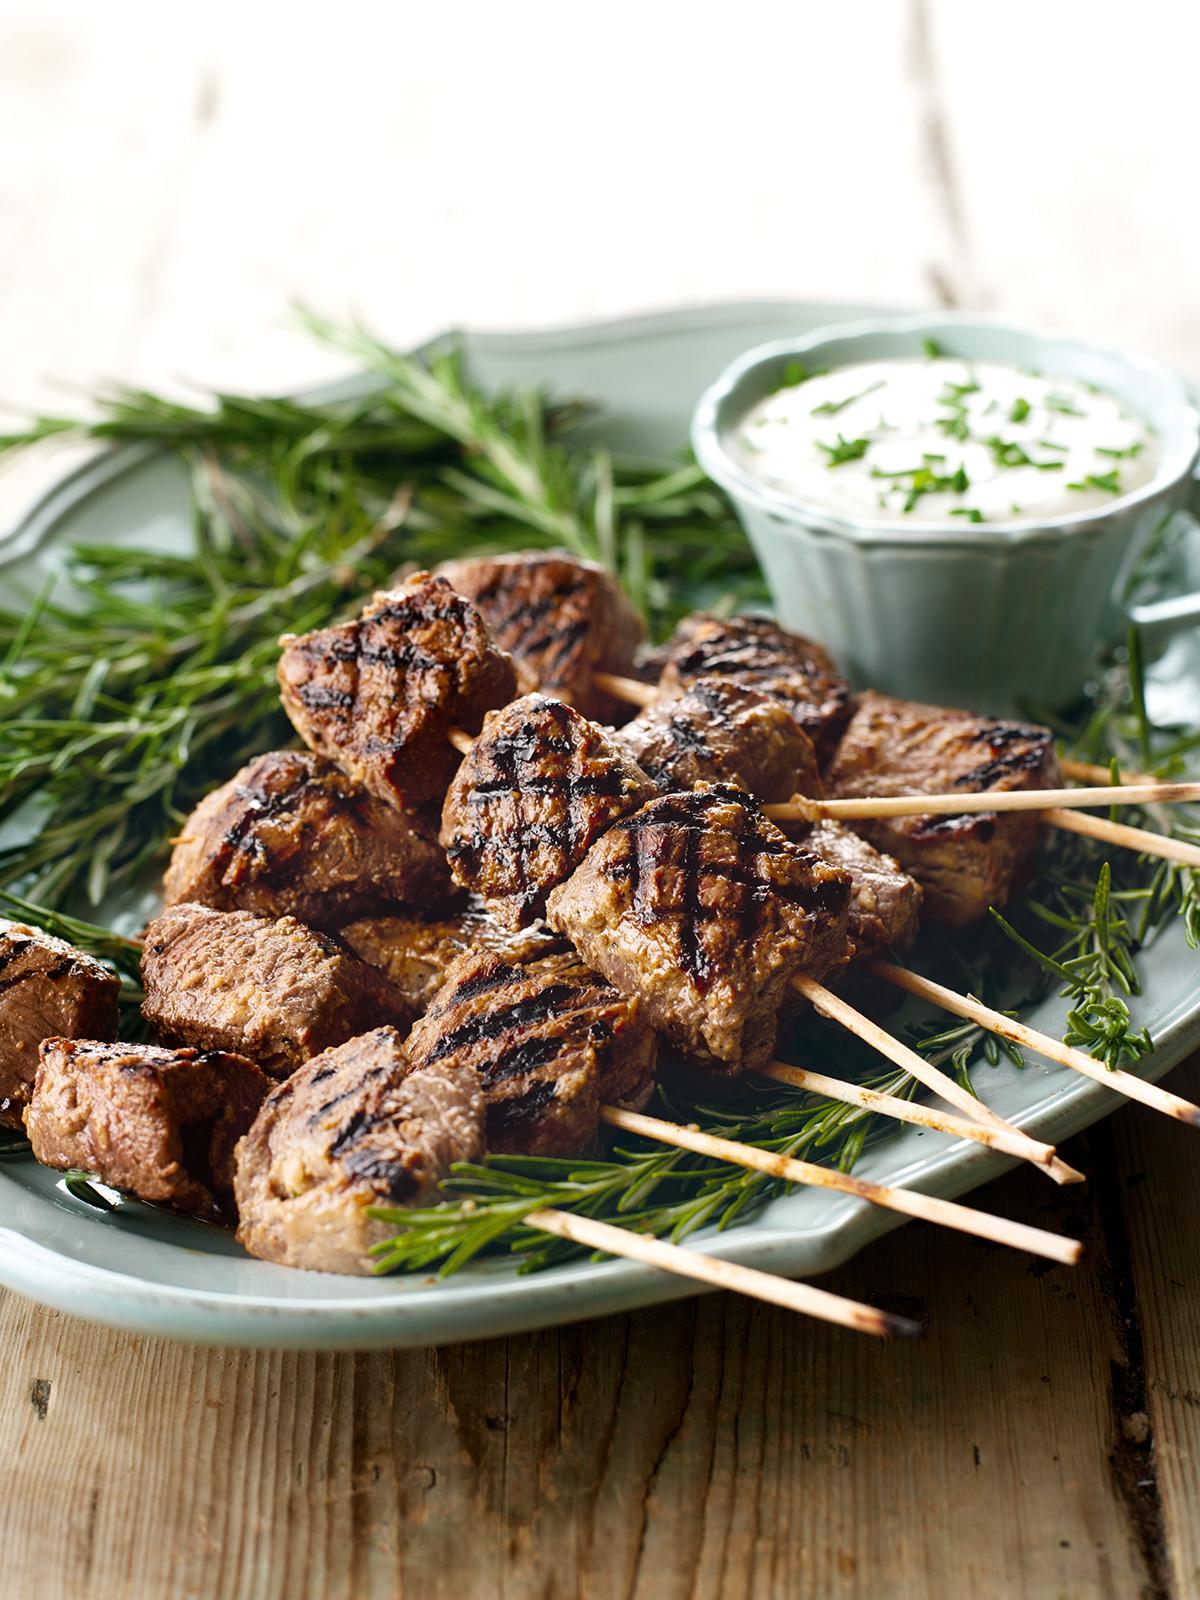 Juicy Beef Skewers With Horseradish Dip | Nigella's ...